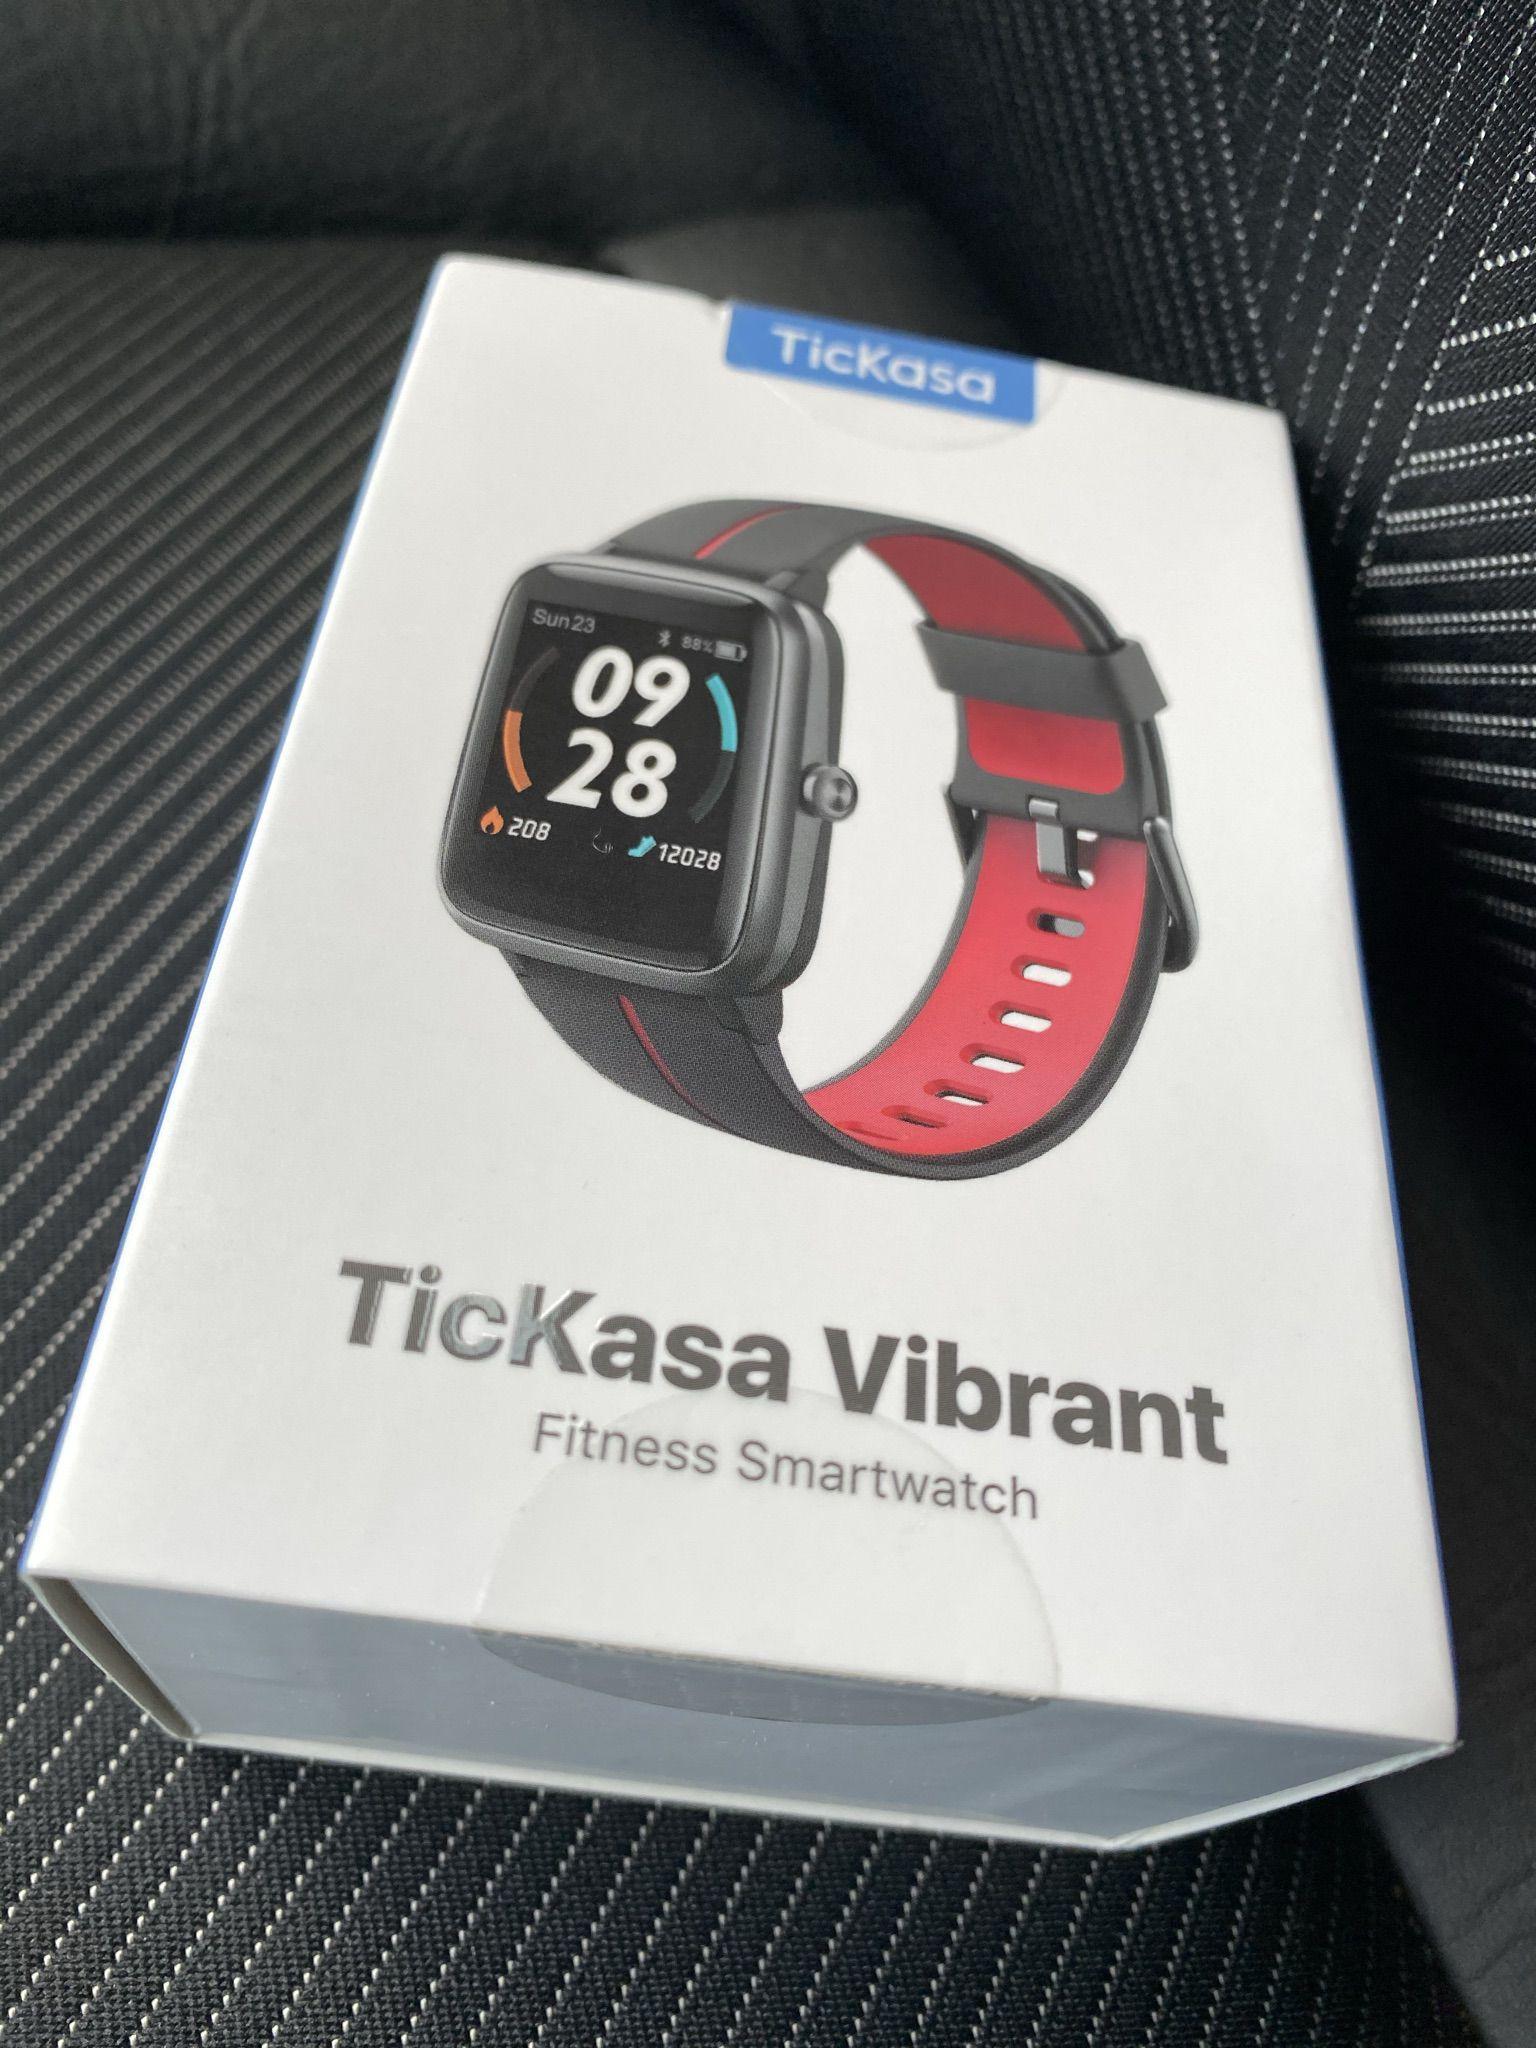 Recensione TicKasa Vibrant, Fitness Smartwatch Economico